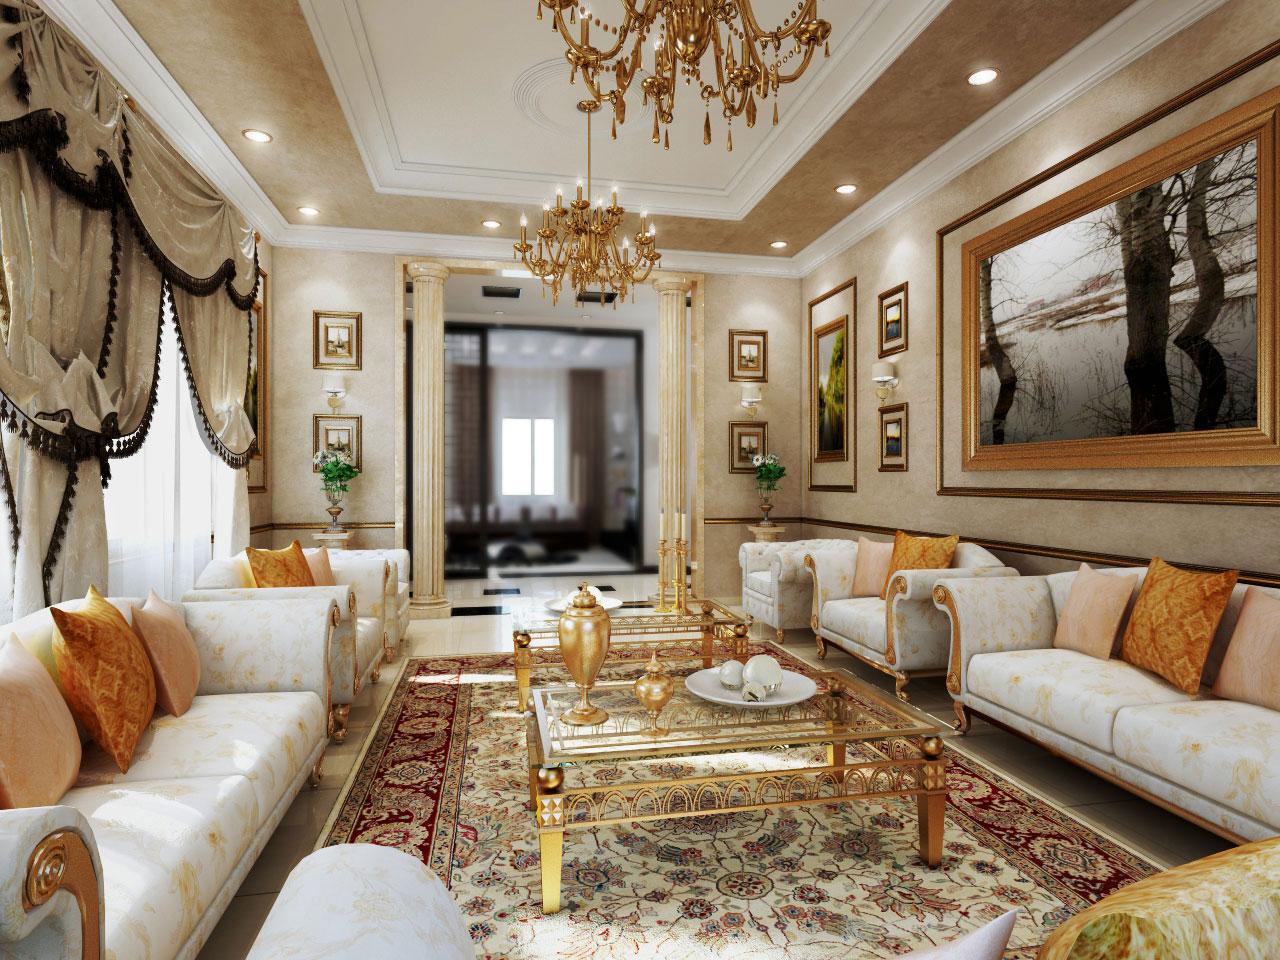 House-Interior-Gallery-Of-Proper-Home-Interiors-8 House Interior - Galleri med rätt heminredning